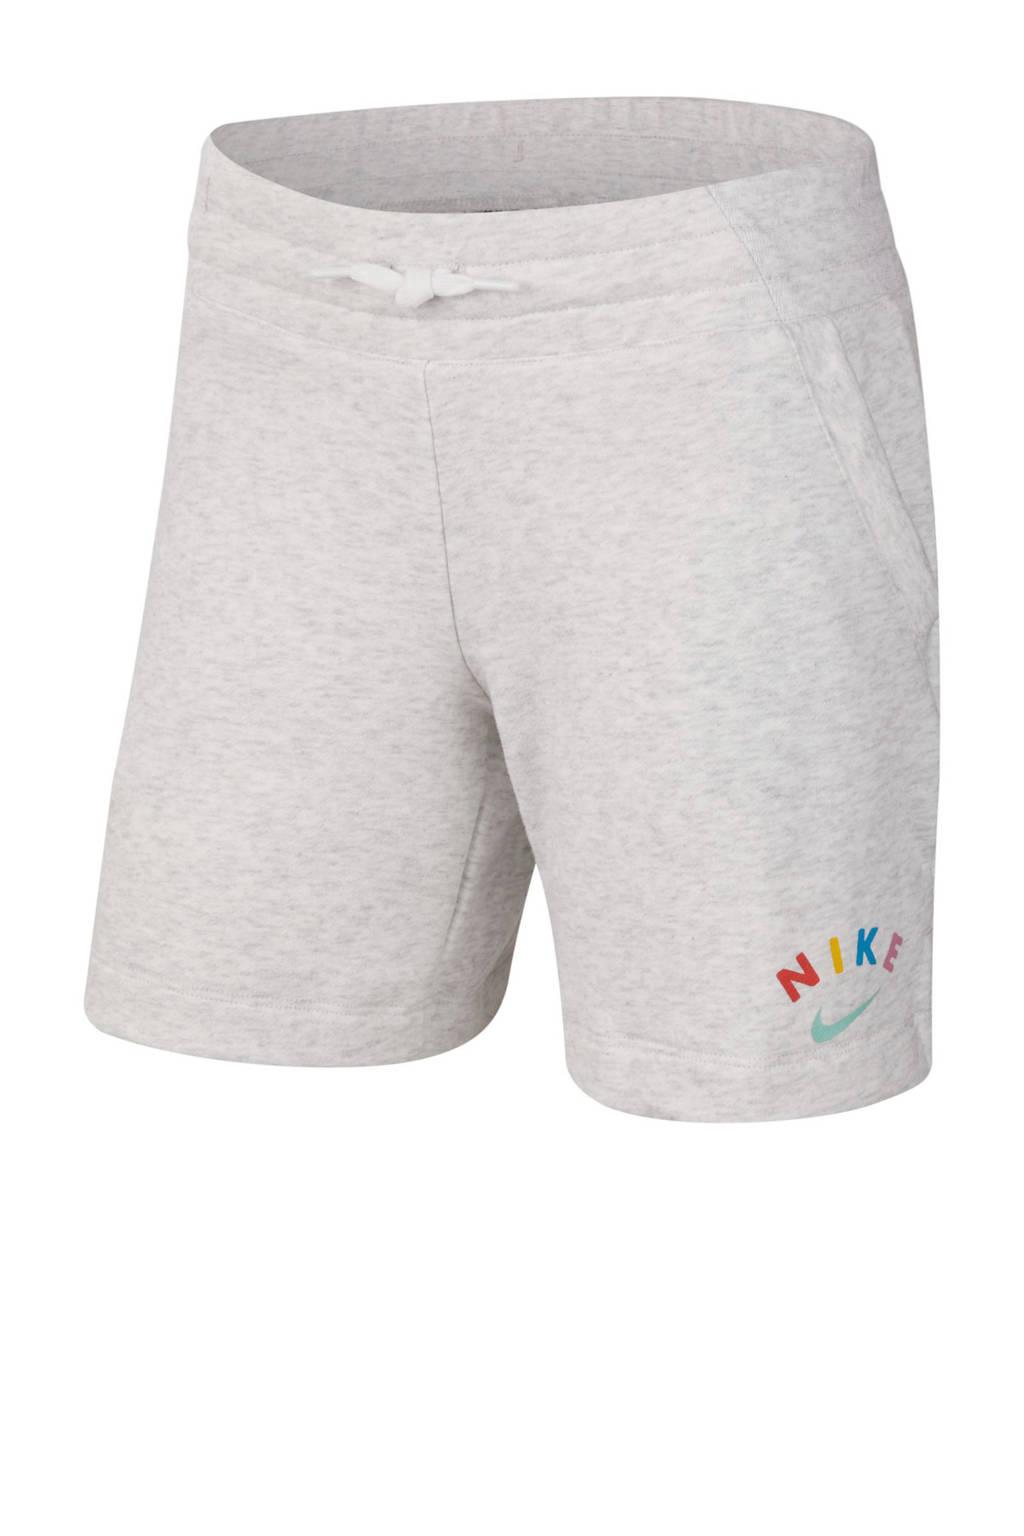 Nike short grijs melange, Grijs melange